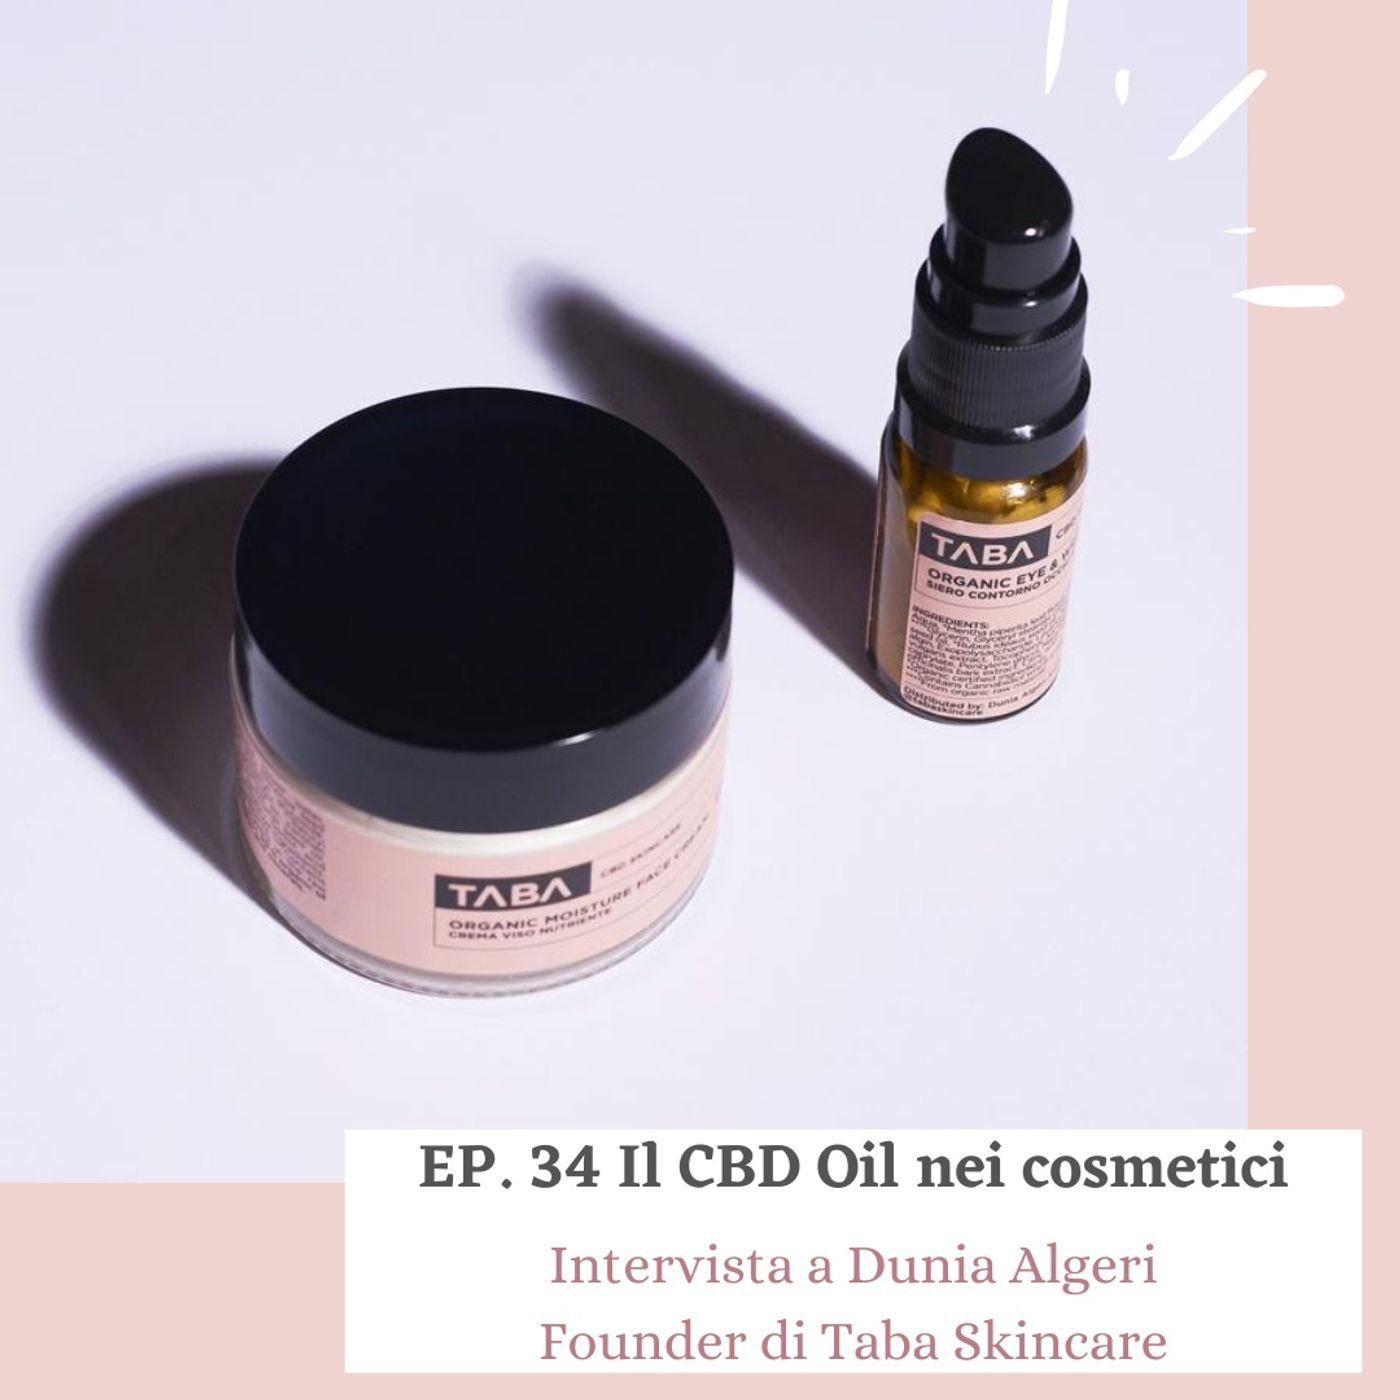 Ep. 34 Il CBD Oil nei Cosmetici - la prima linea di skincare derivata dalla Cannabis.